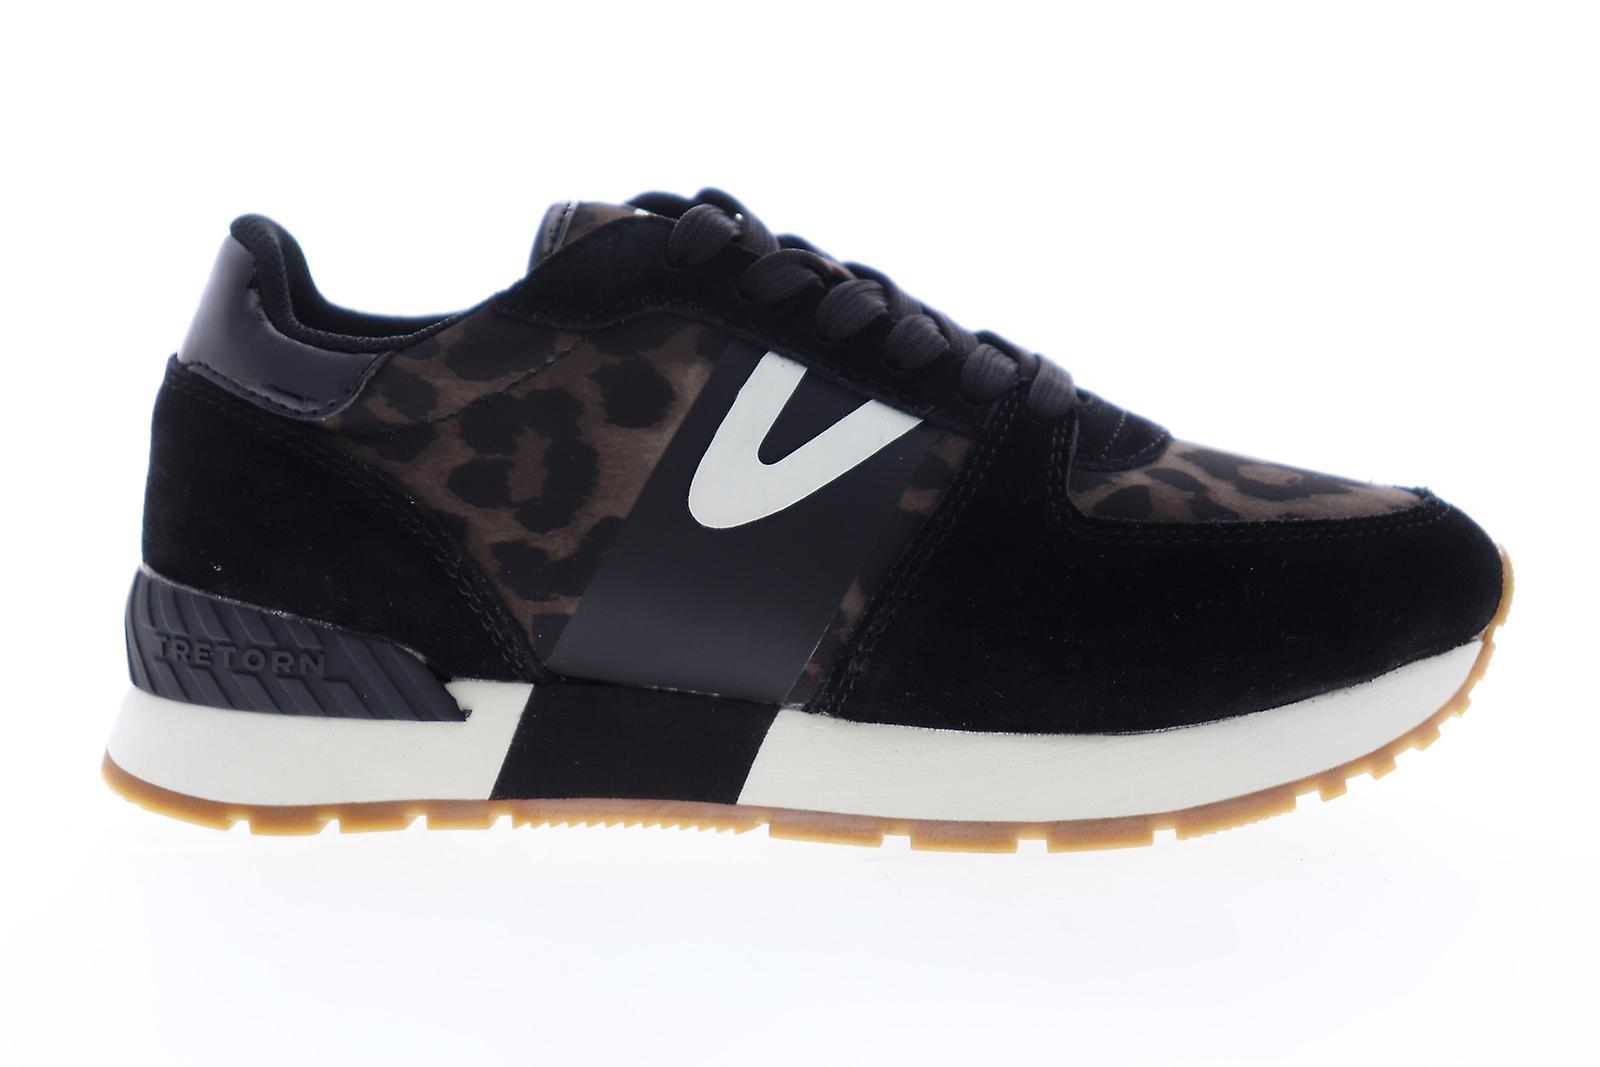 Tretorn Loyola 9 Womens Black Suede Lace Up Low Top Sneakers Schoenen - Gratis verzending WA2xTq